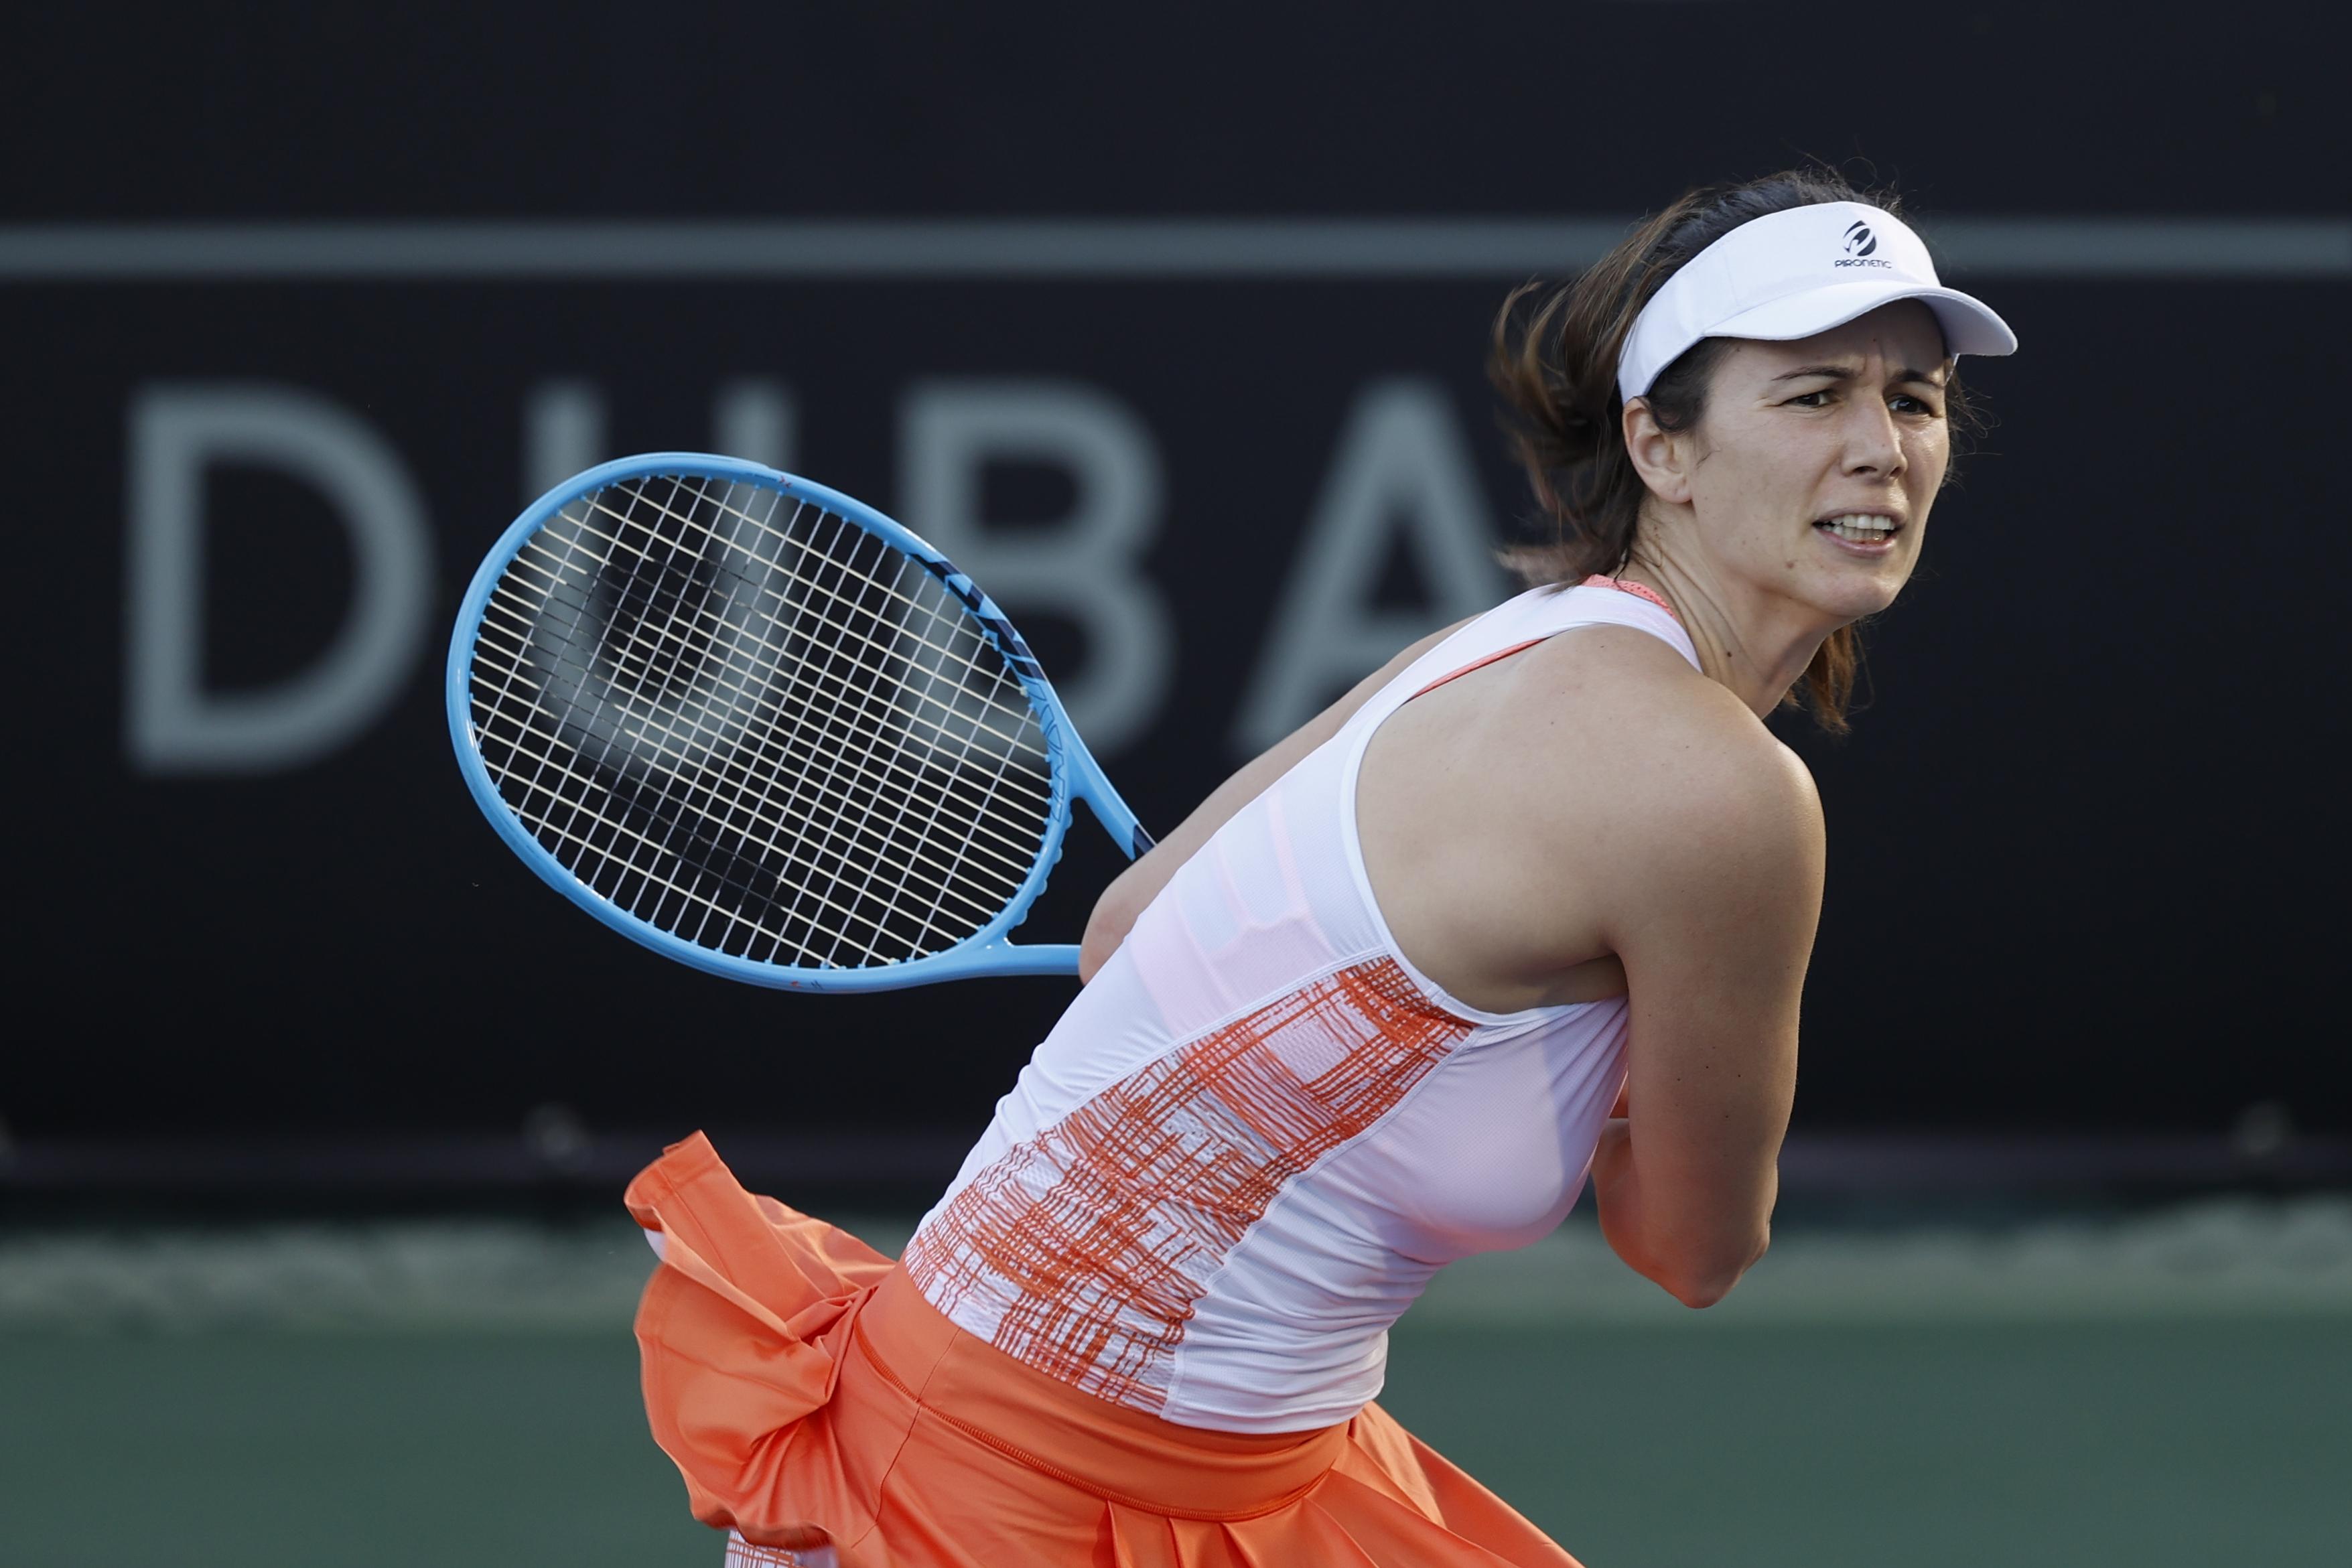 Най-добрата българска тенисистка Цветана Пиронкова падна с 4 места в